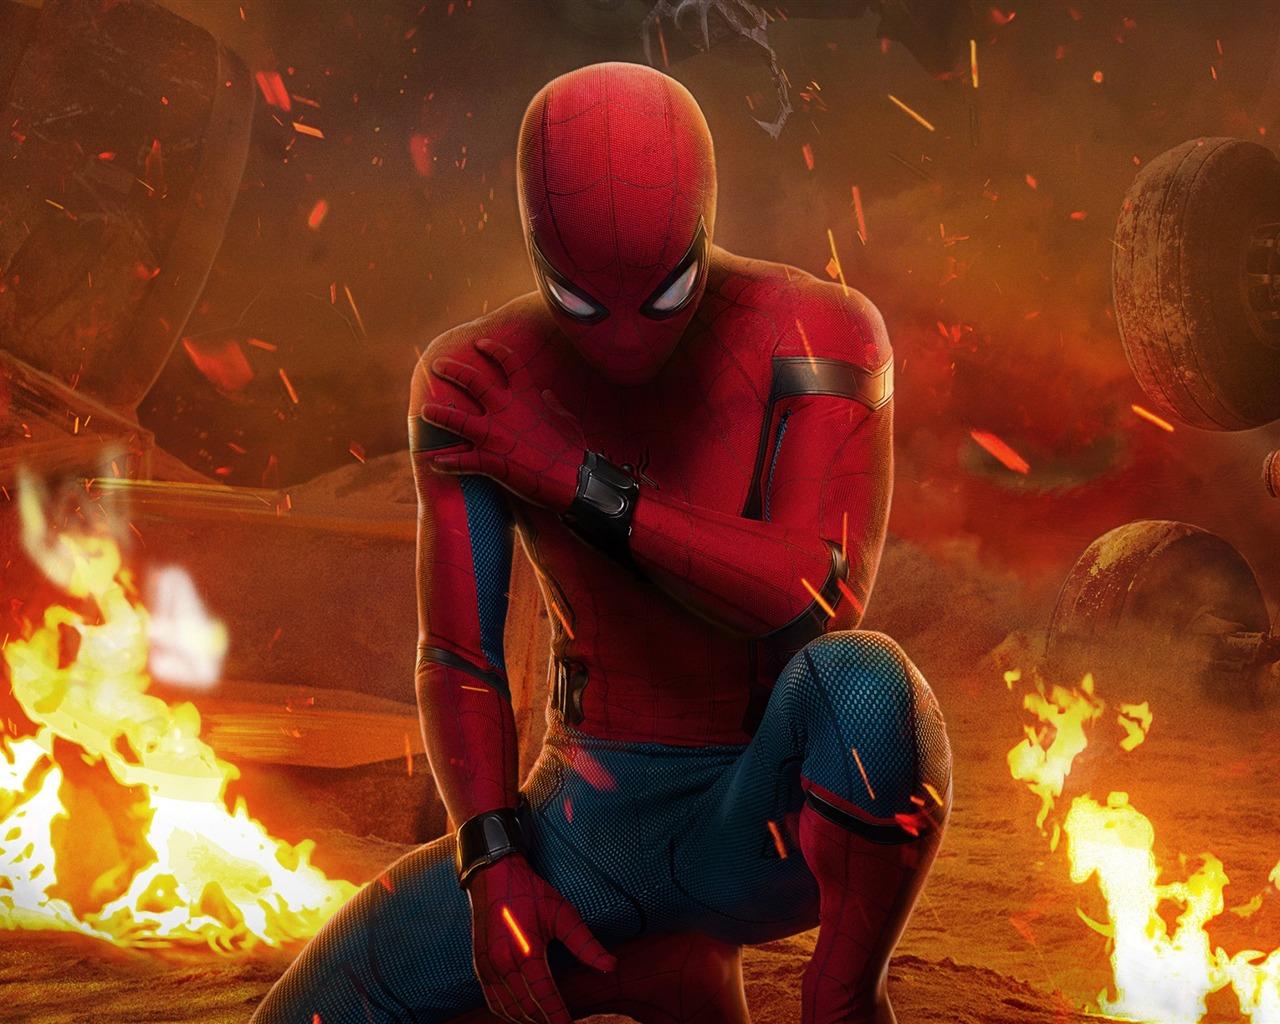 热门电视剧_2017 蜘蛛侠:英雄归来Spider-Man:Homecoming 高清电影壁纸预览 ...